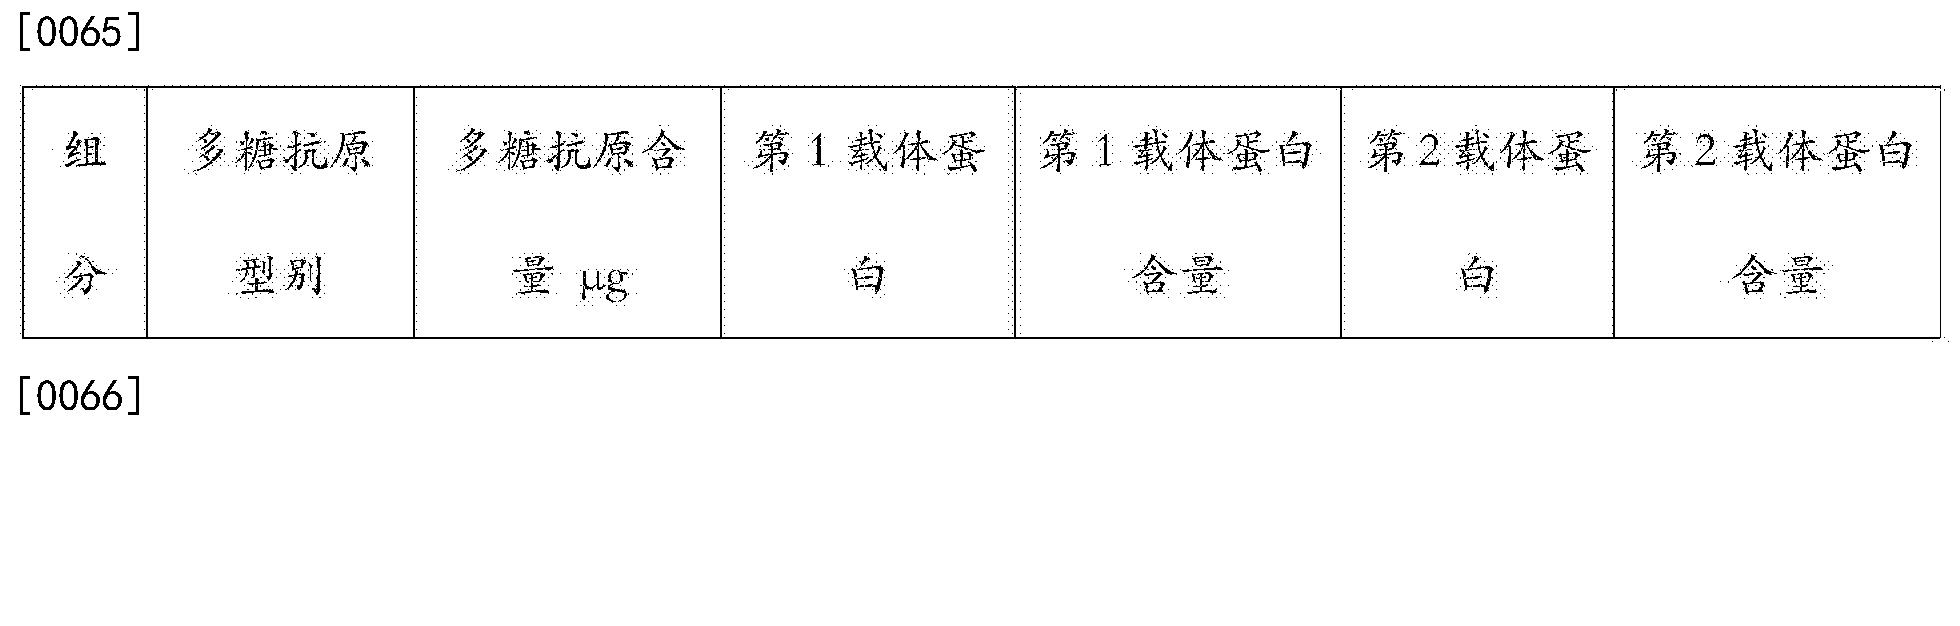 Figure CN103893751BD00092